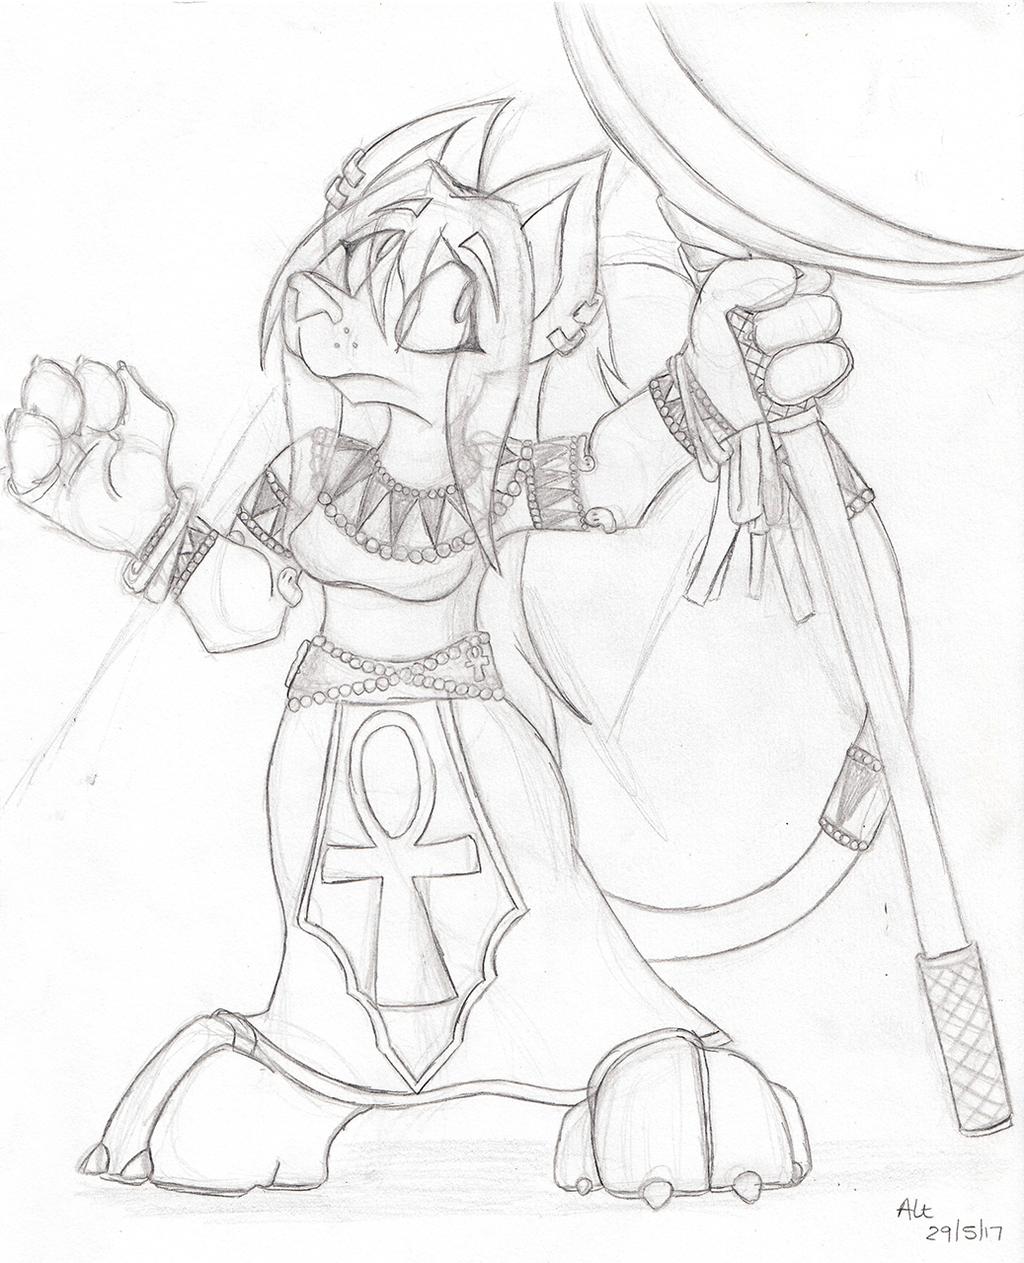 Kiya (Confuzzled 2017 Sketch)